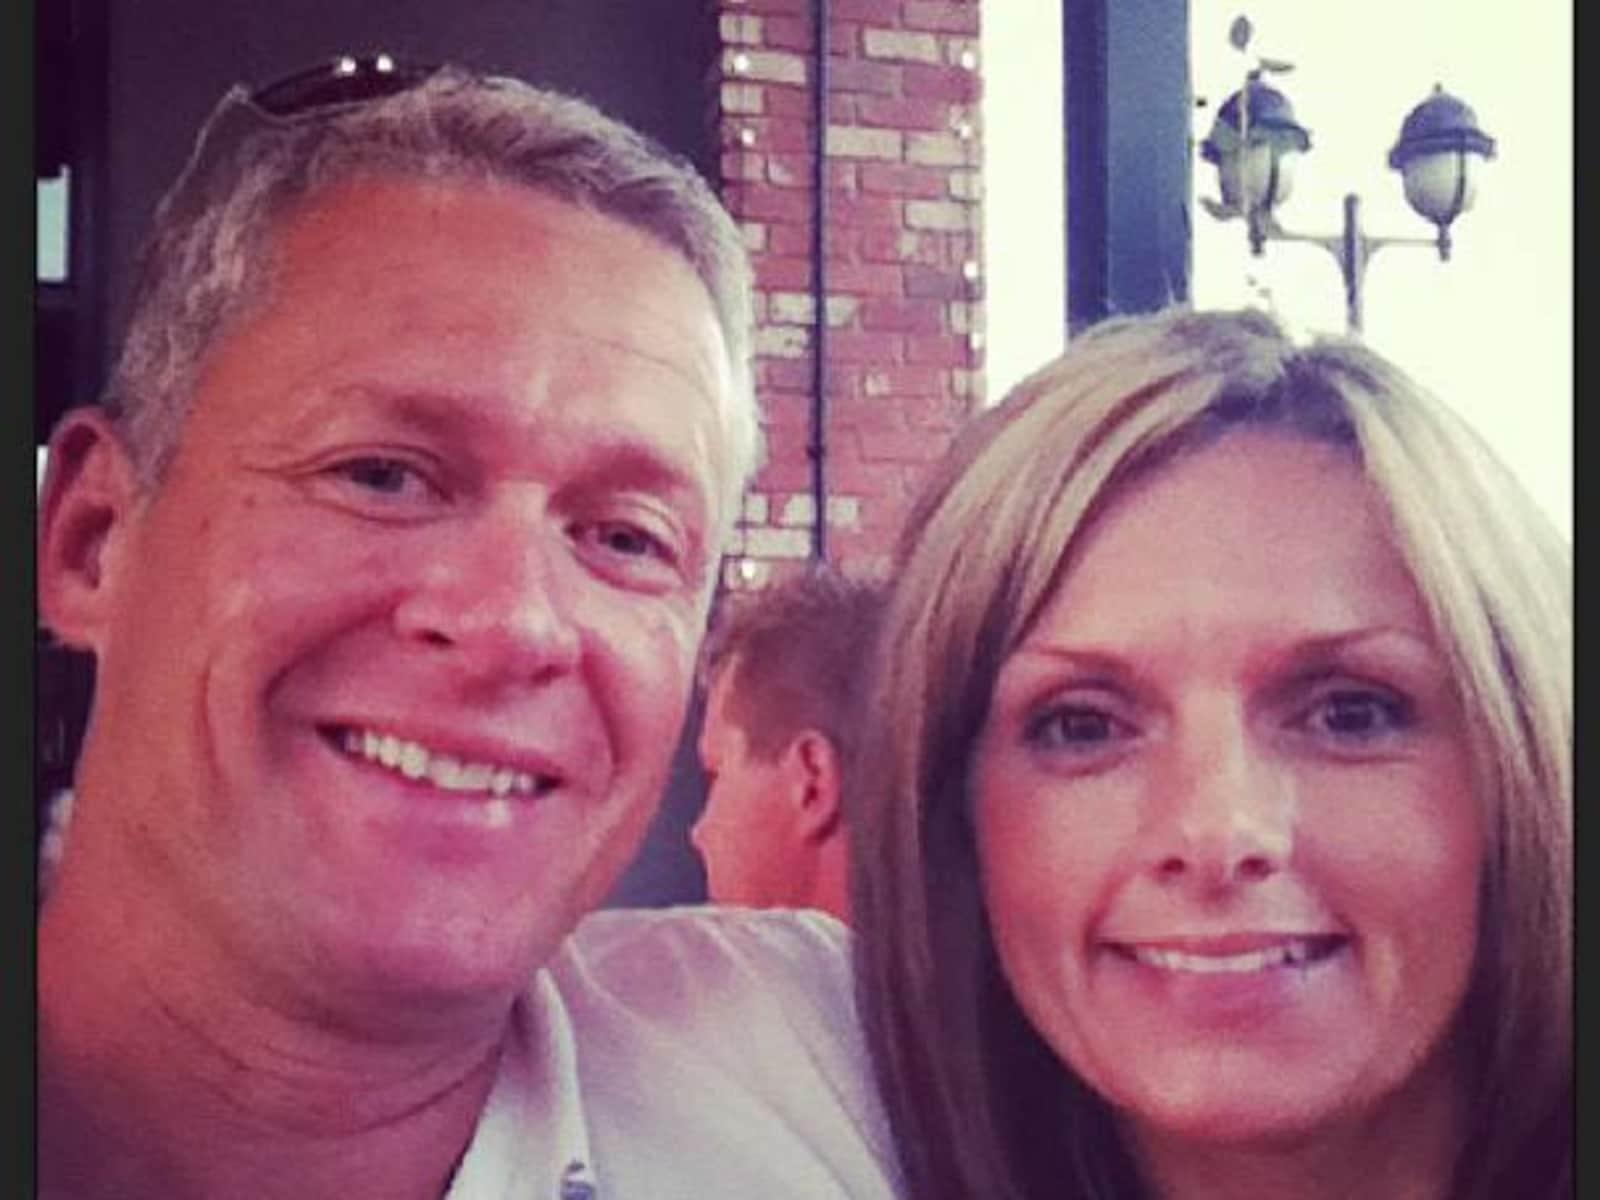 Irene & Steve from Edmonton, Alberta, Canada